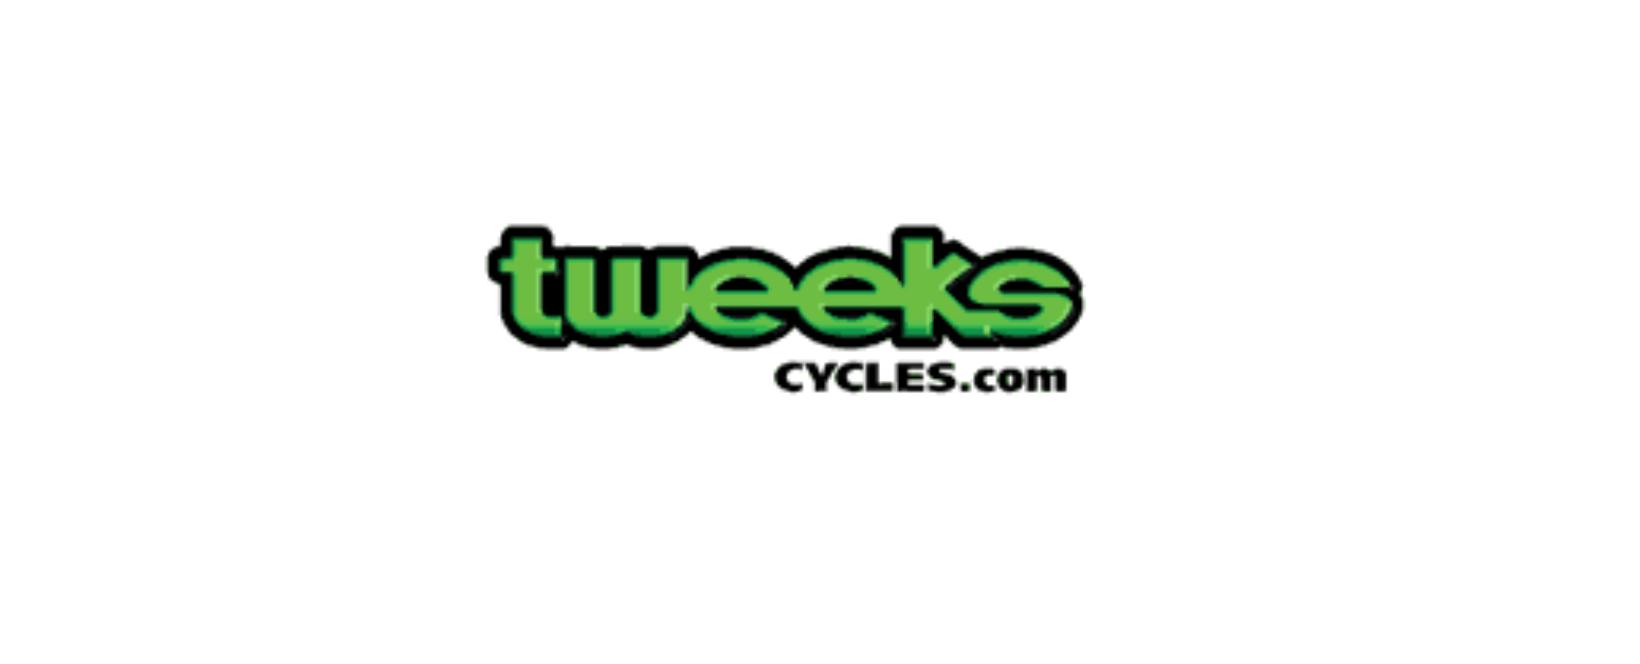 Tweeks Cycles Discount Code 2021